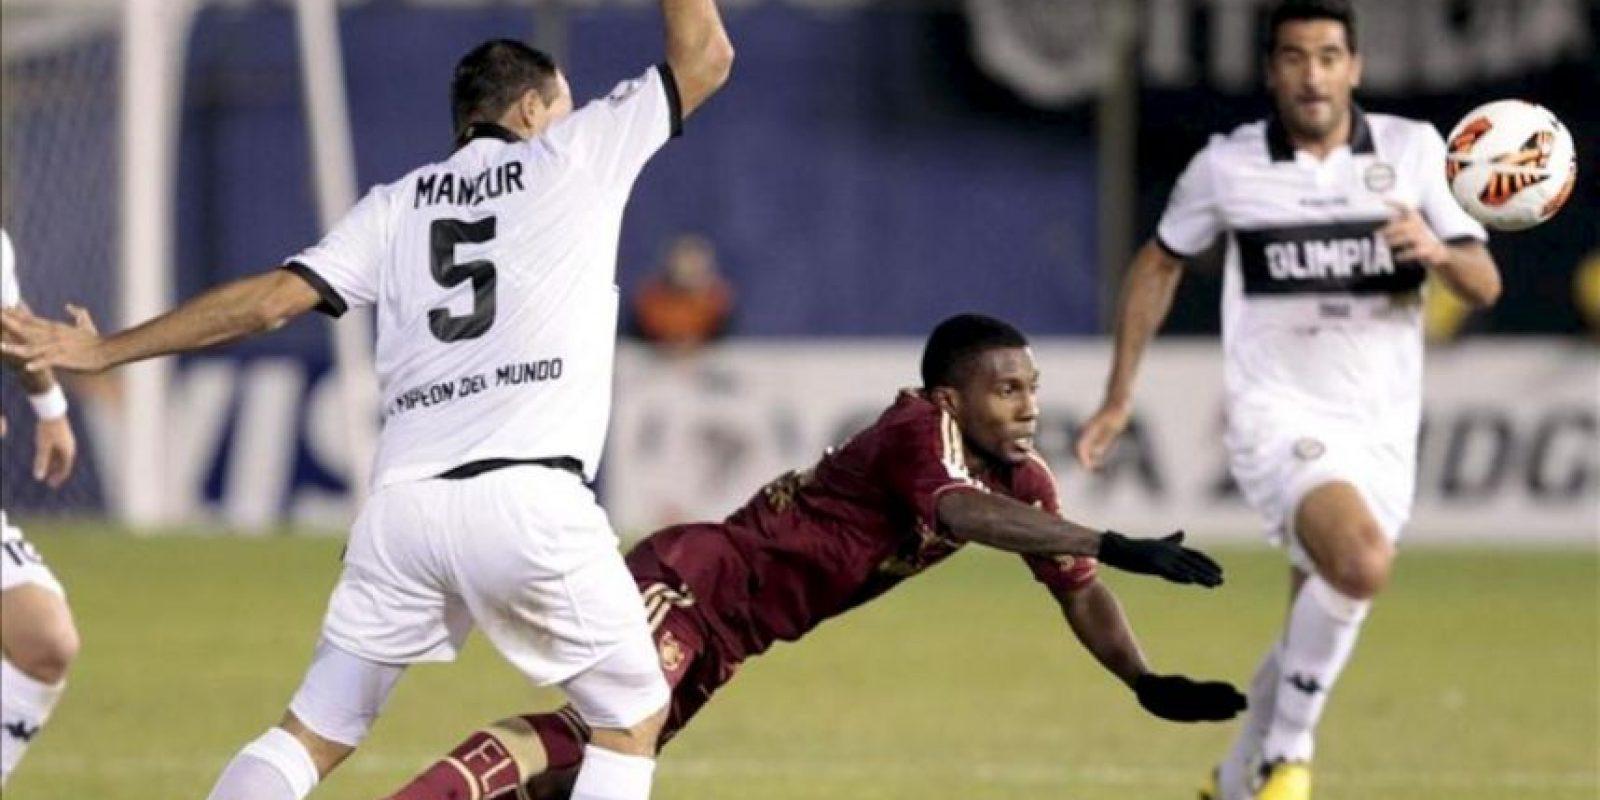 El jugador de Fluminense Rhayner (c) disputa el balón con Julio Manzur (i) y Juan Carlos Ferreyra (d), de Olimpia, durante un partido por los cuartos de final de la Copa Libertadores, en el estadio Defensores del Chaco, en Asunción (Paraguay). EFE